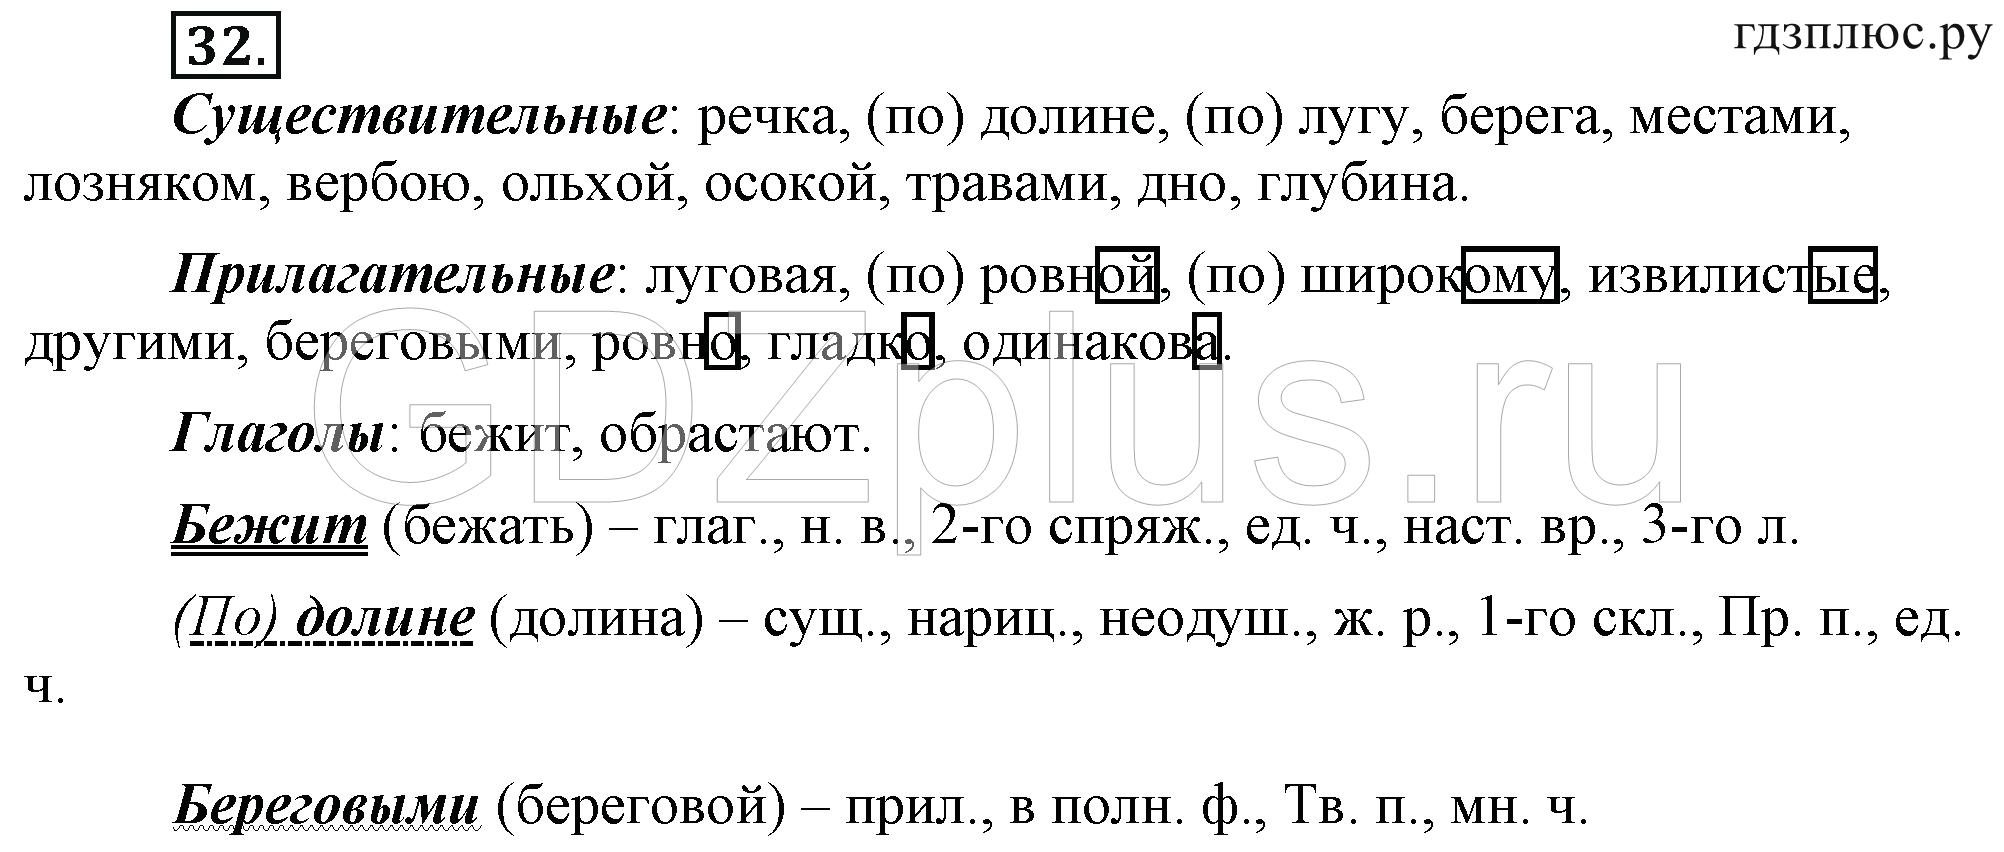 Гдз по рус яз 6 класс ладыженская